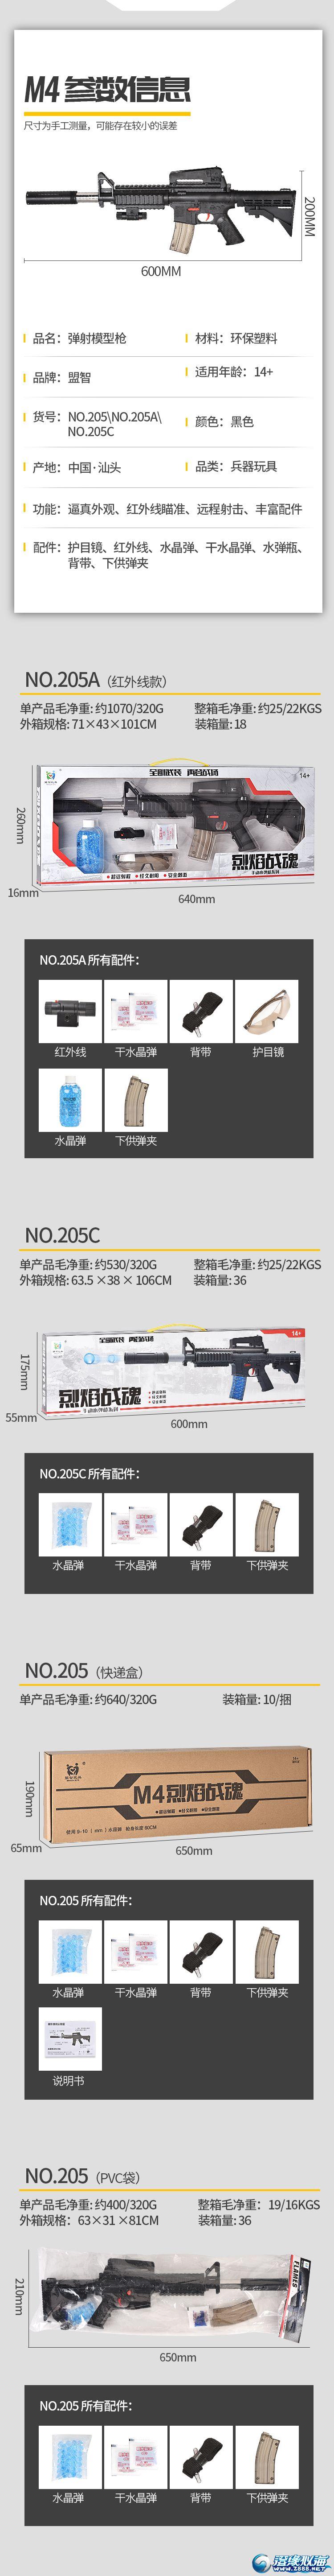 盟智玩具厂-(205,205A,205C)-弹射模型枪-中文详情页_03.jpg